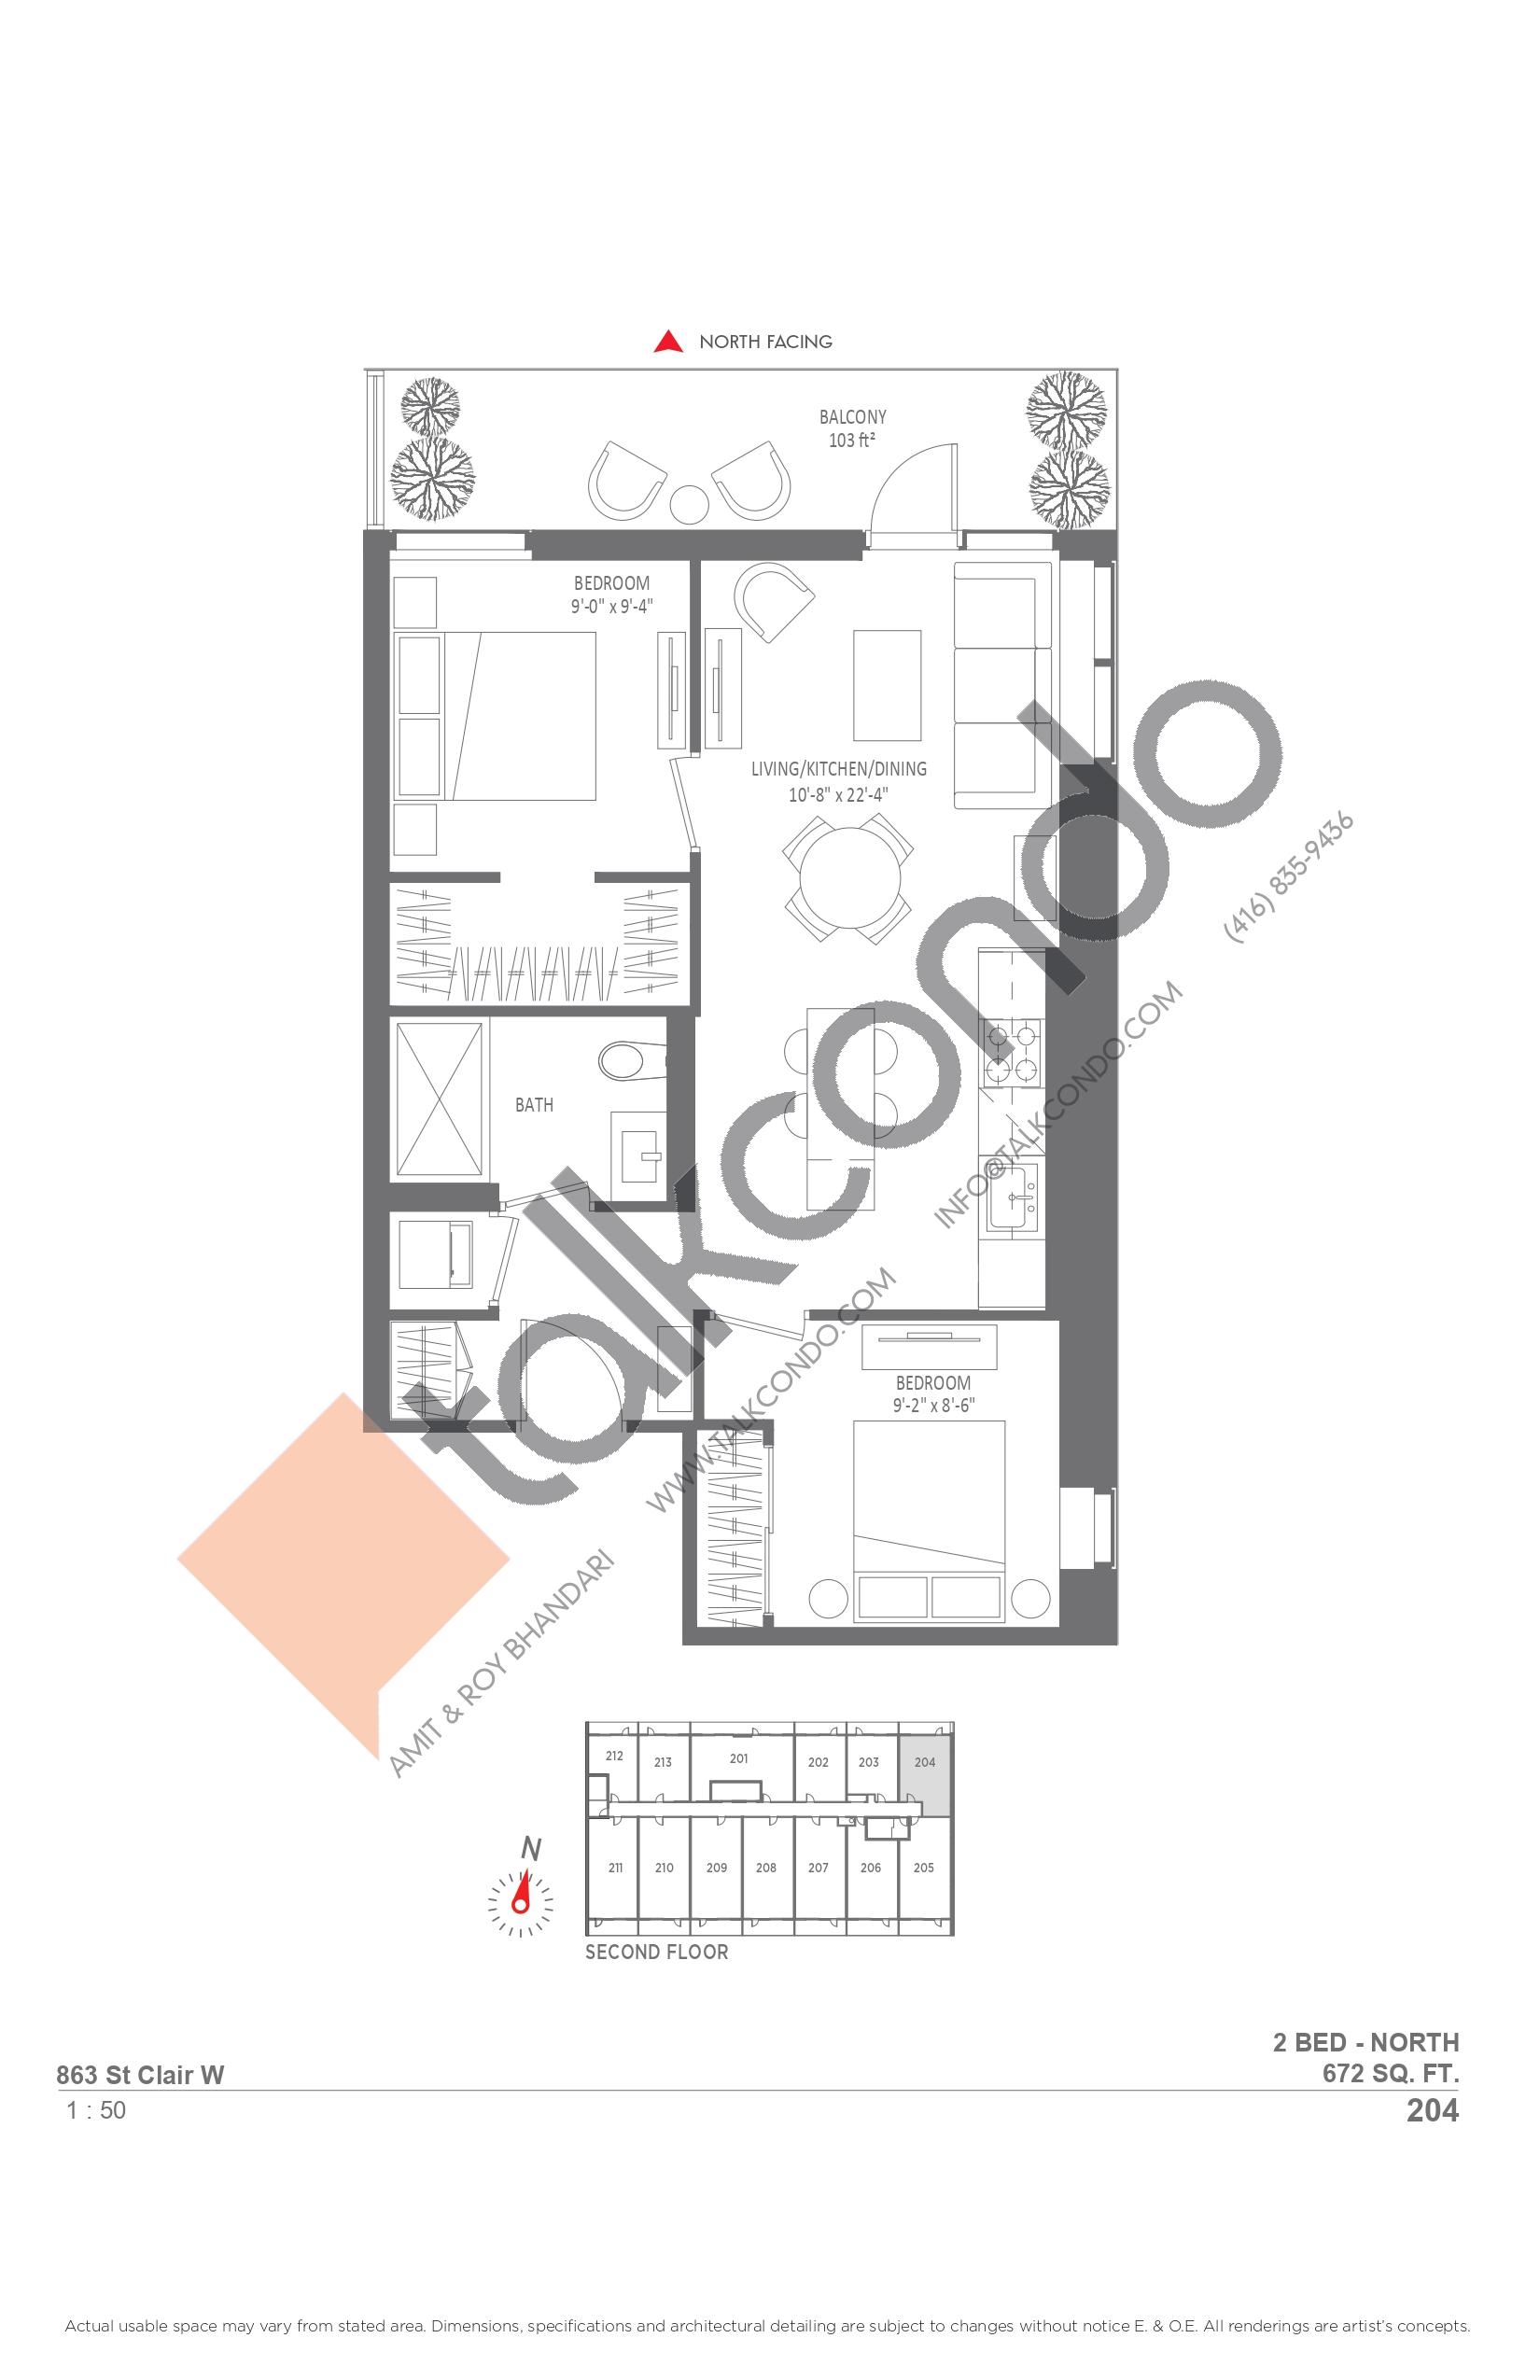 204 Floor Plan at Monza Condos - 672 sq.ft